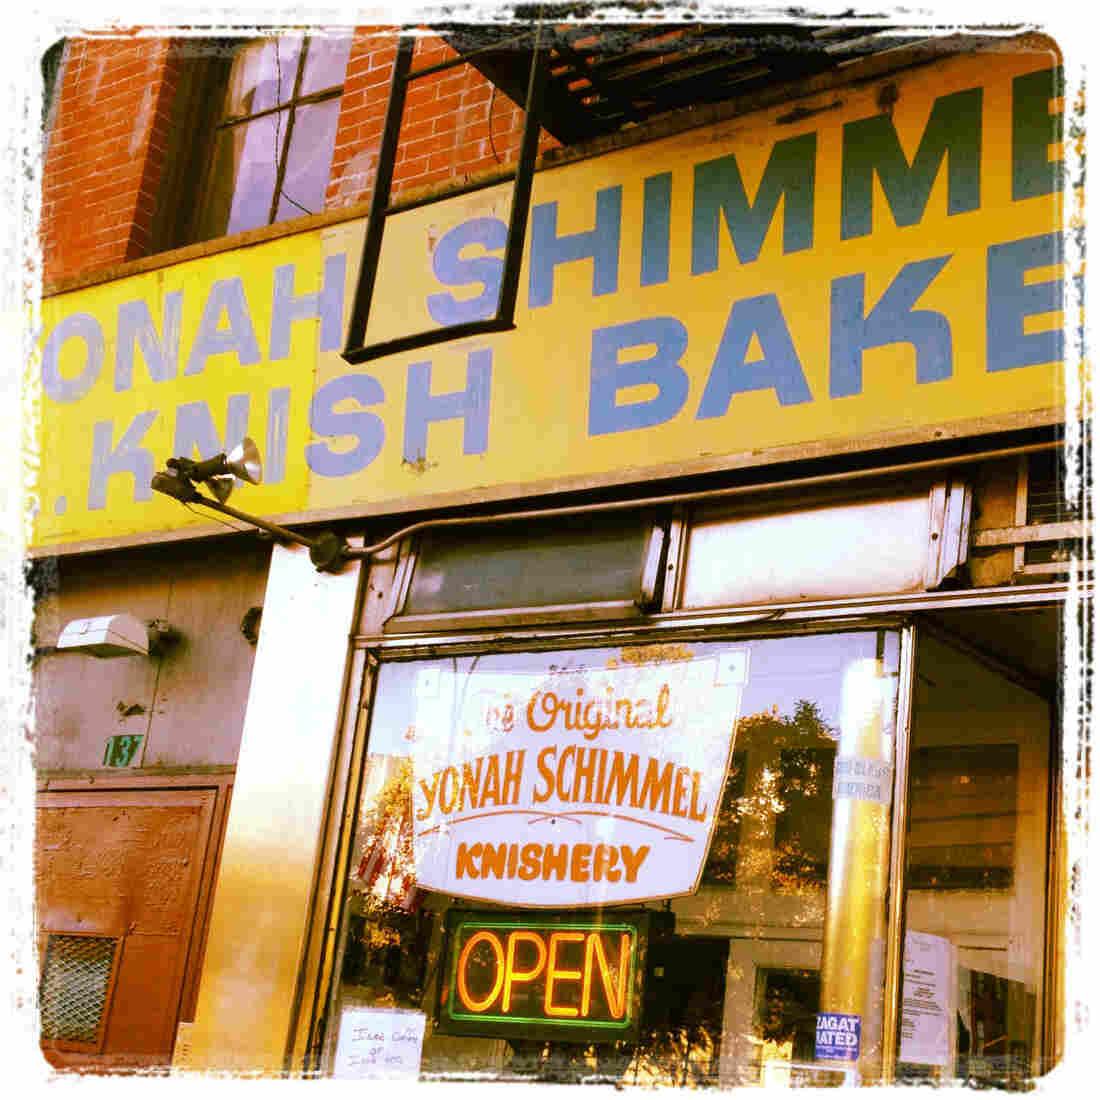 Knishery: Lower East Side standby Yonah Schimmel.